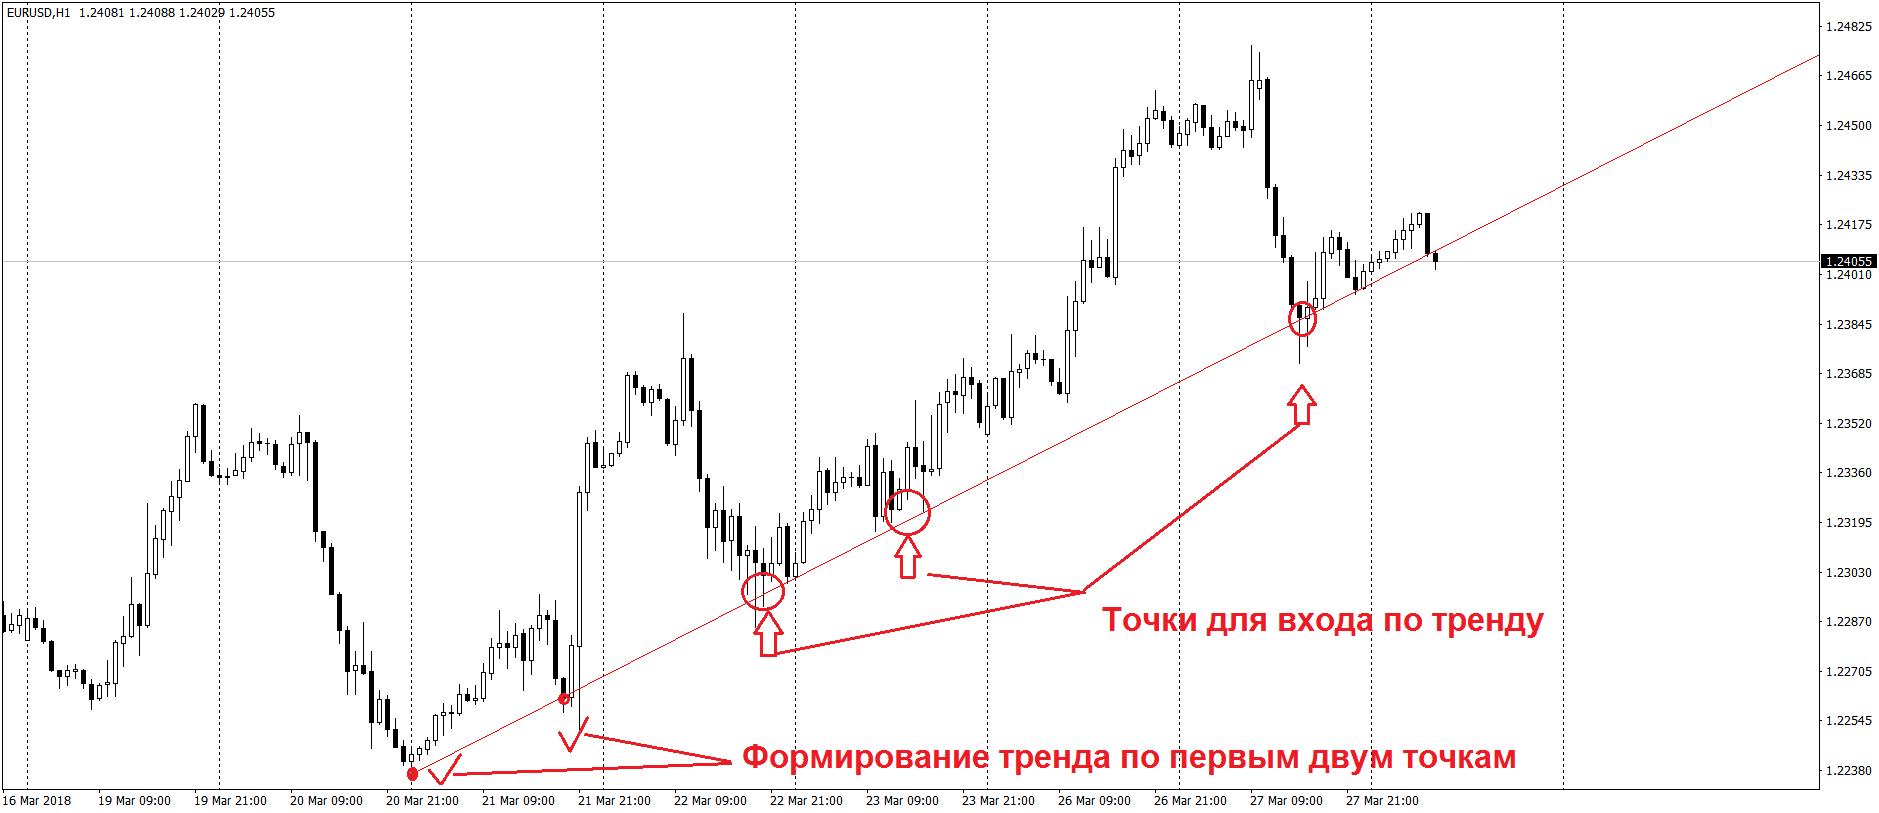 Формирование трендовых линий для торговли по тренду